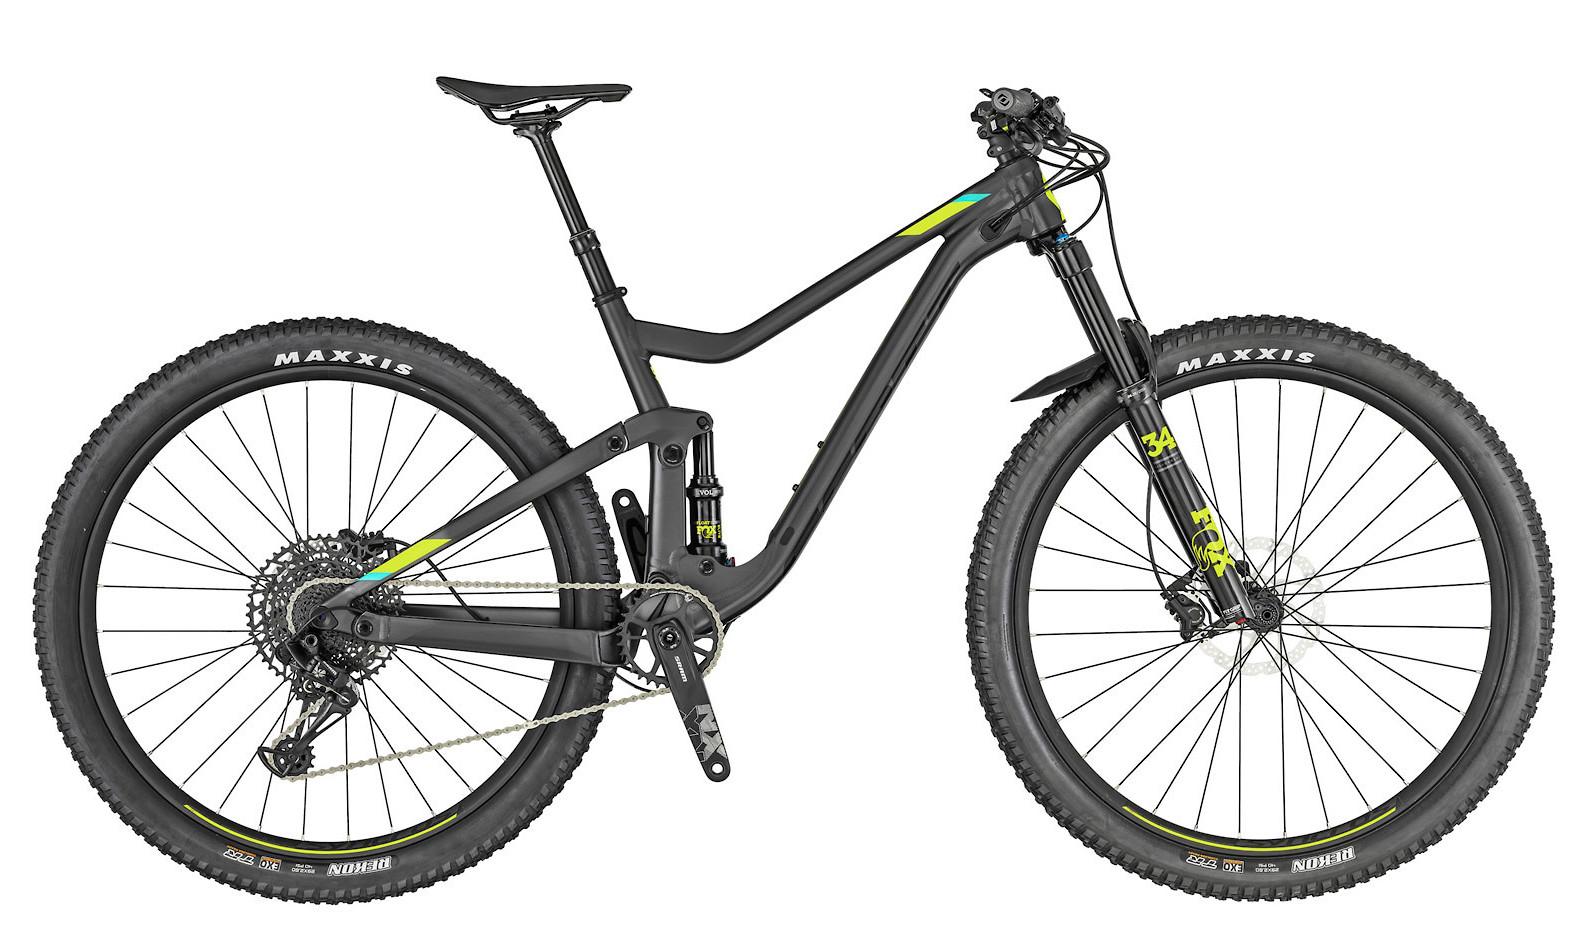 d5215052162 2019 Scott Genius 750 Bike - Reviews, Comparisons, Specs - Mountain ...